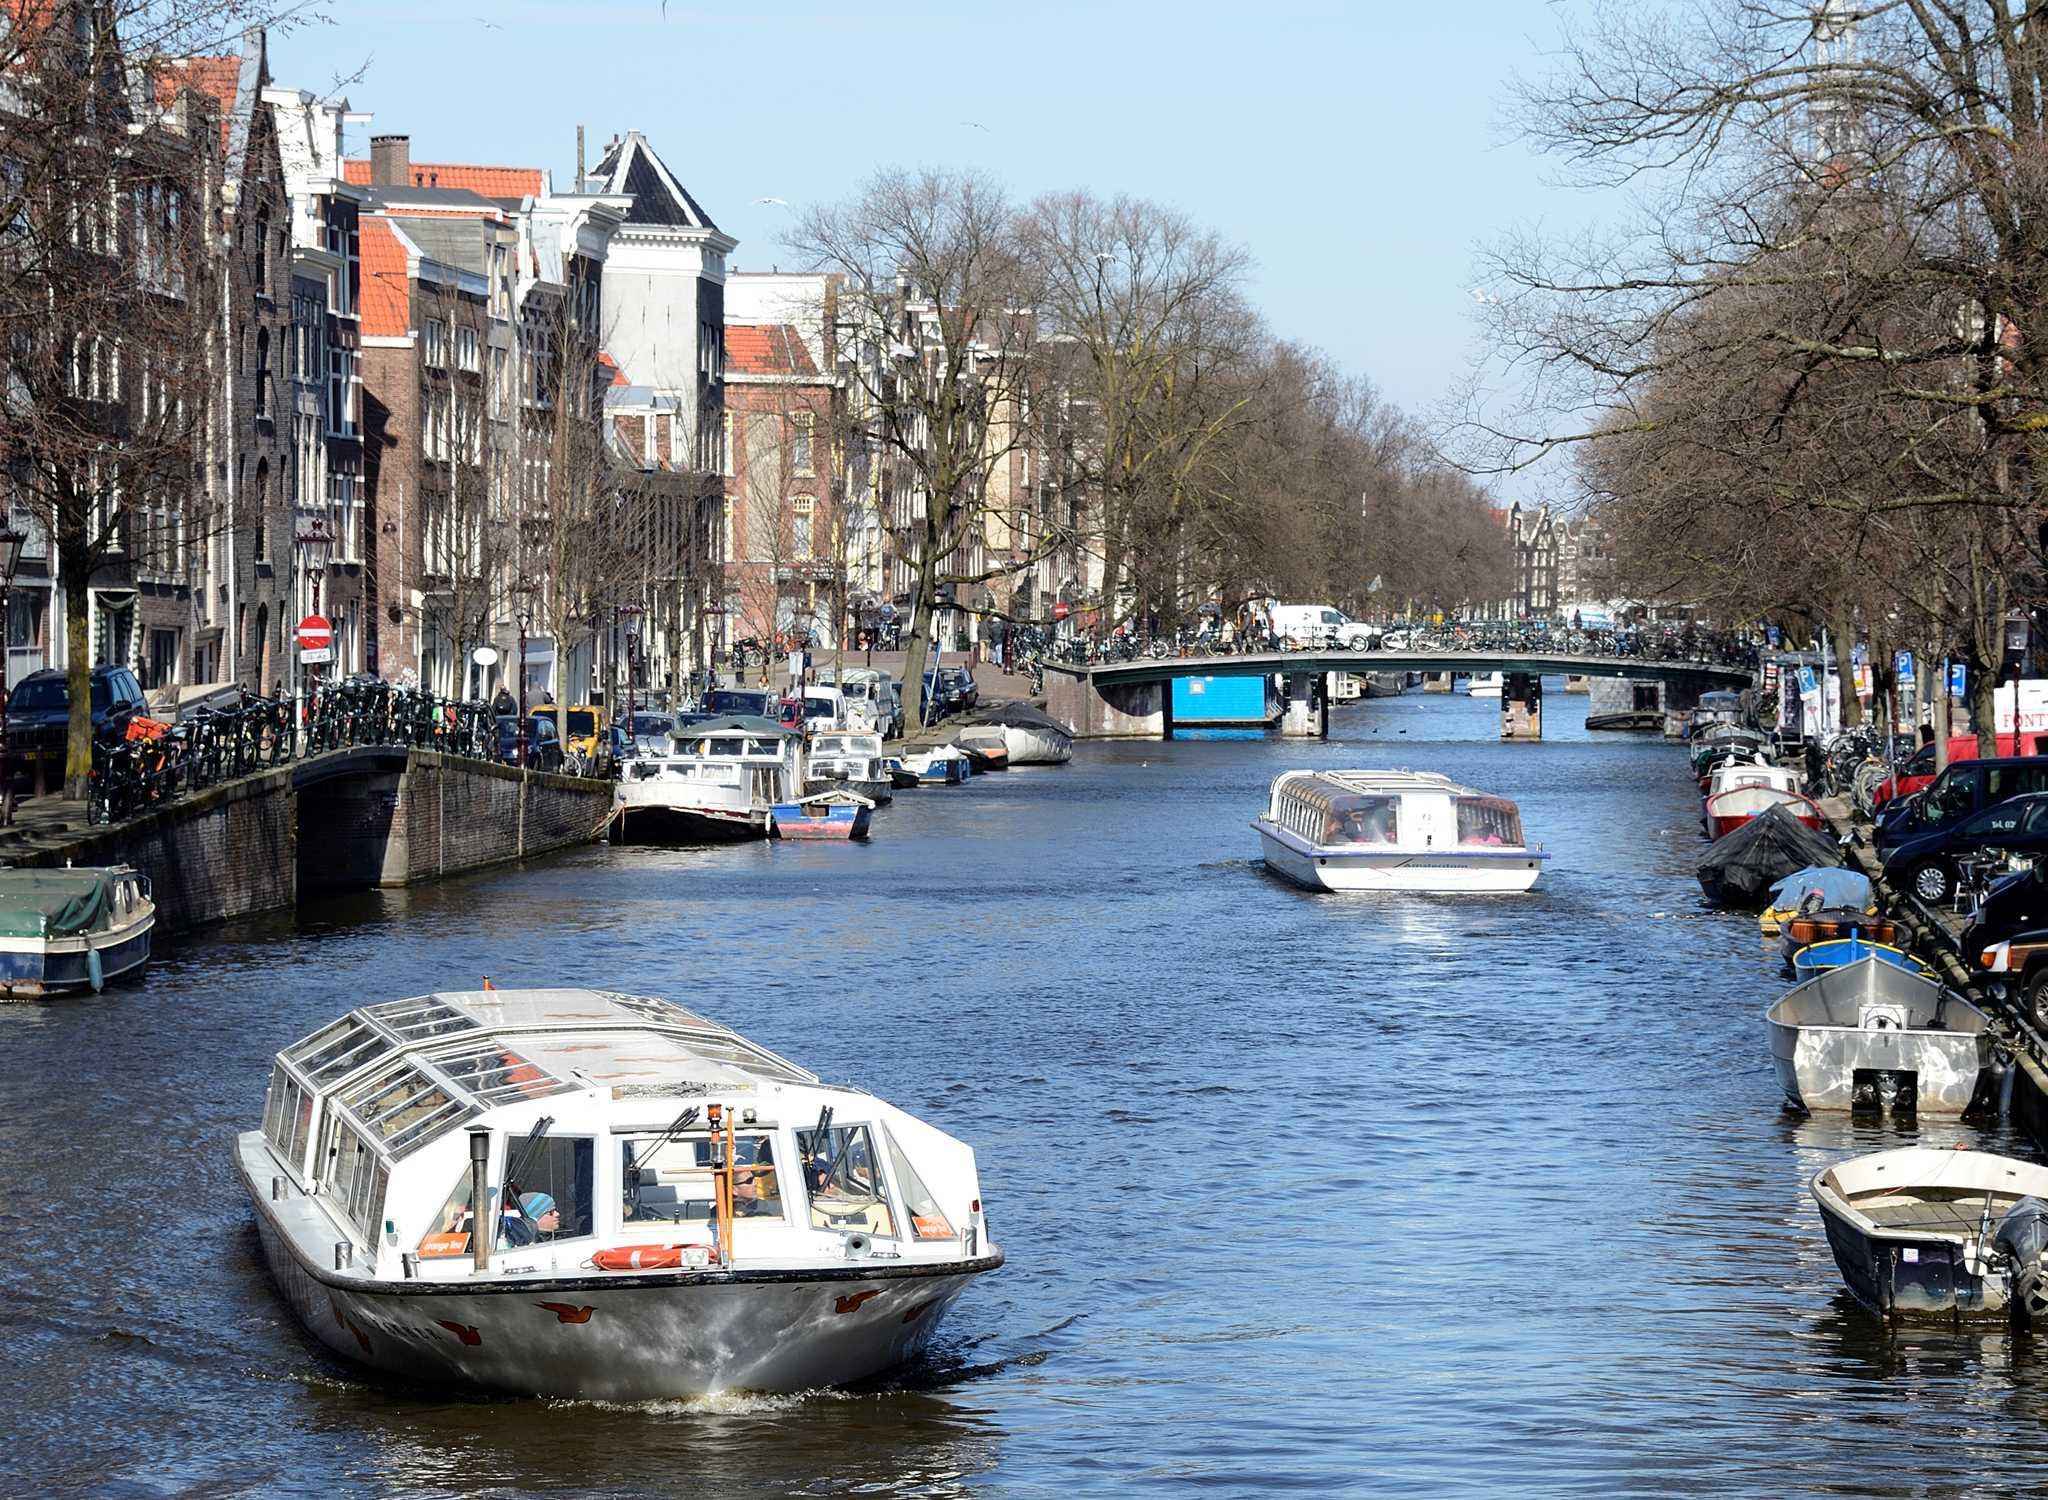 Hilton amsterdam hotel ad amsterdam amsterdam paesi bassi for Hotel amsterdam stazione